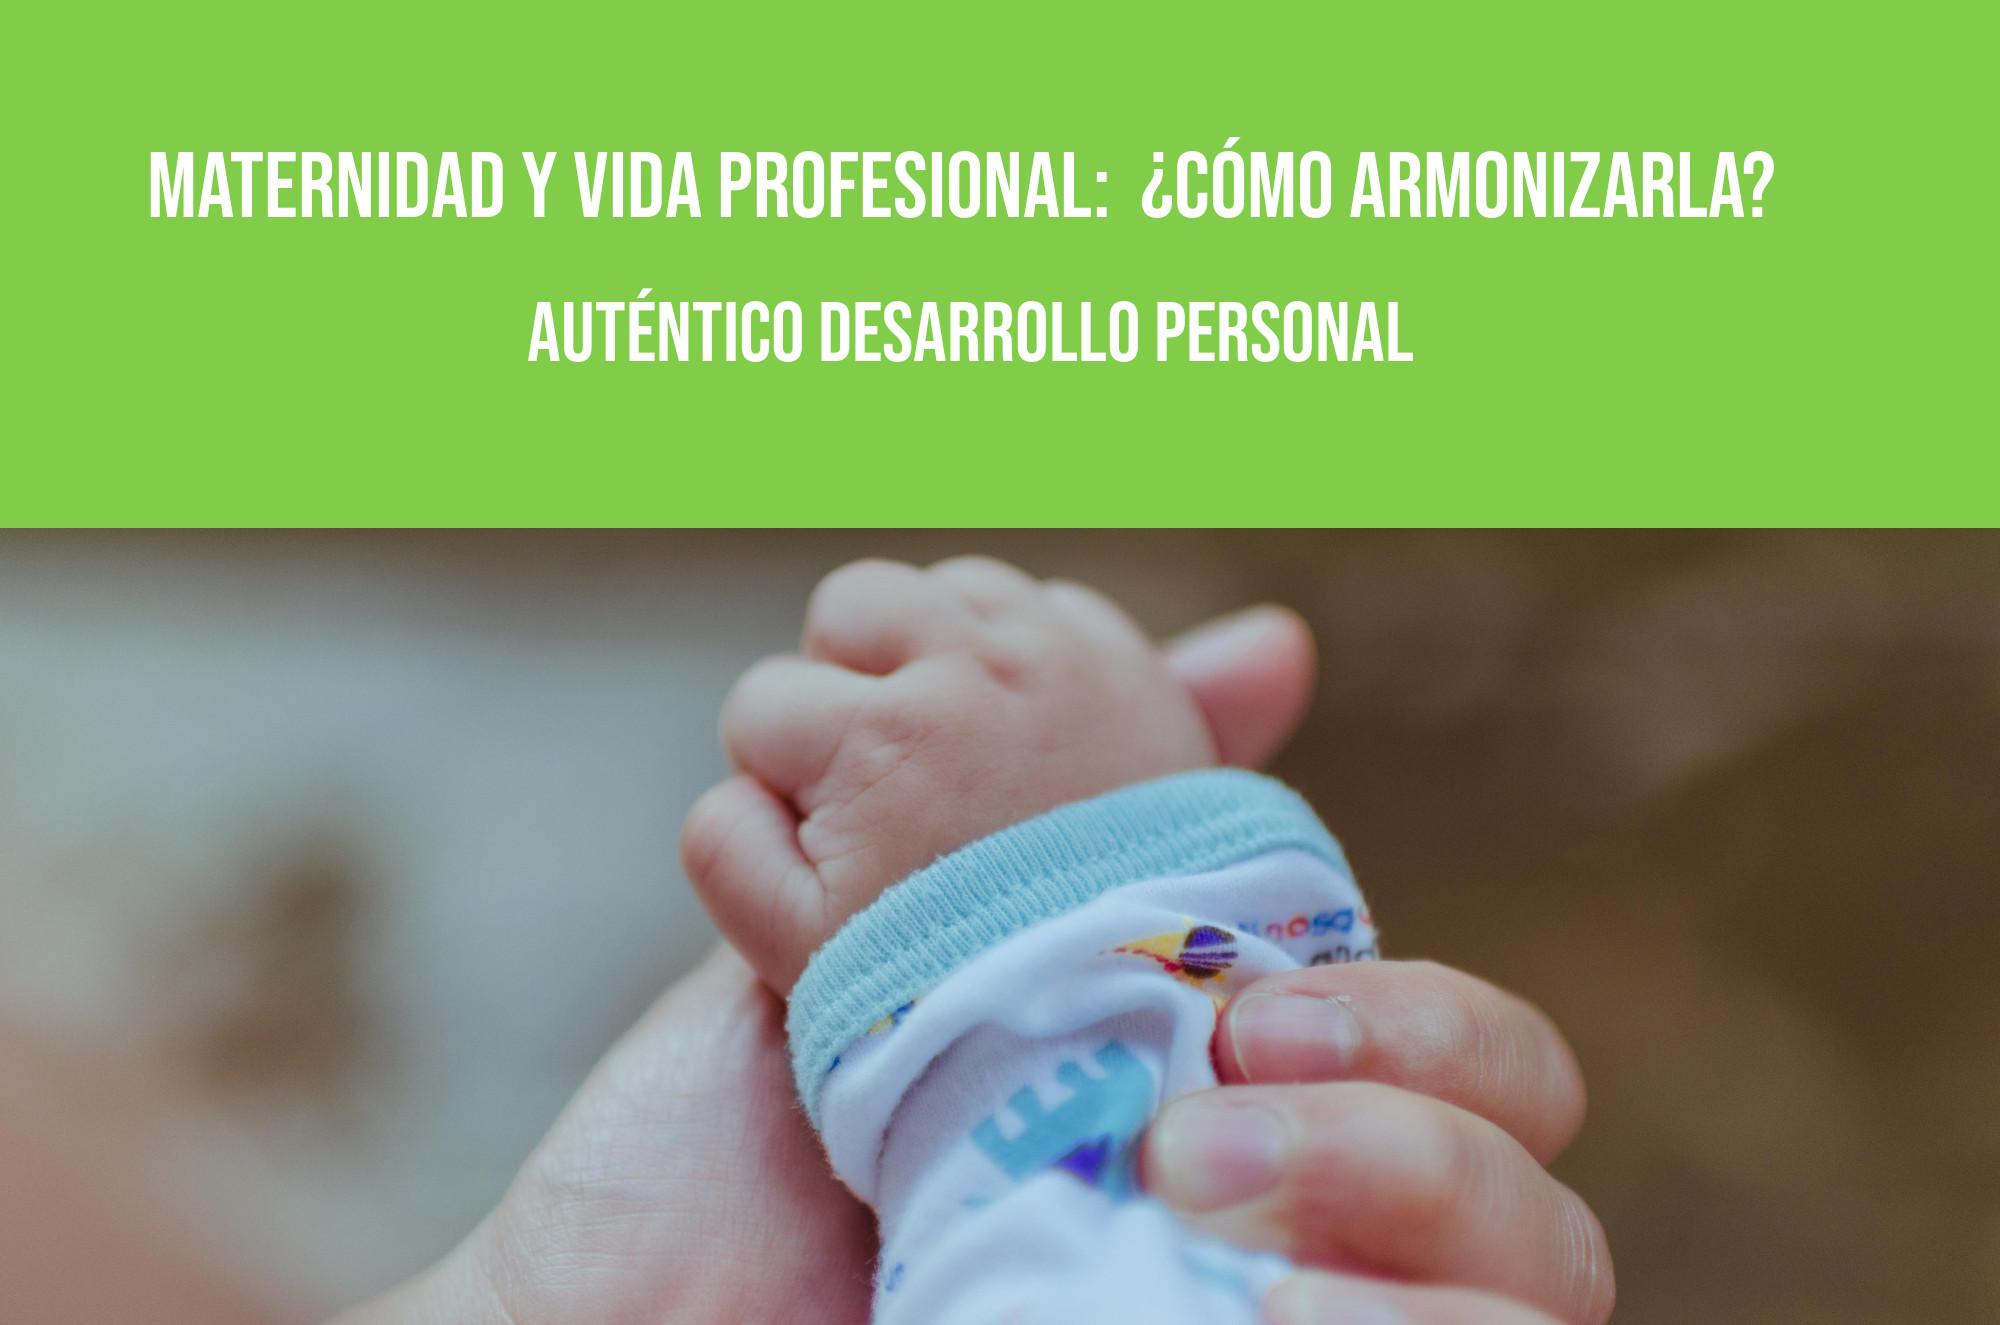 Maternidad y desarrollo personal y profesional – cómo armonizarlo